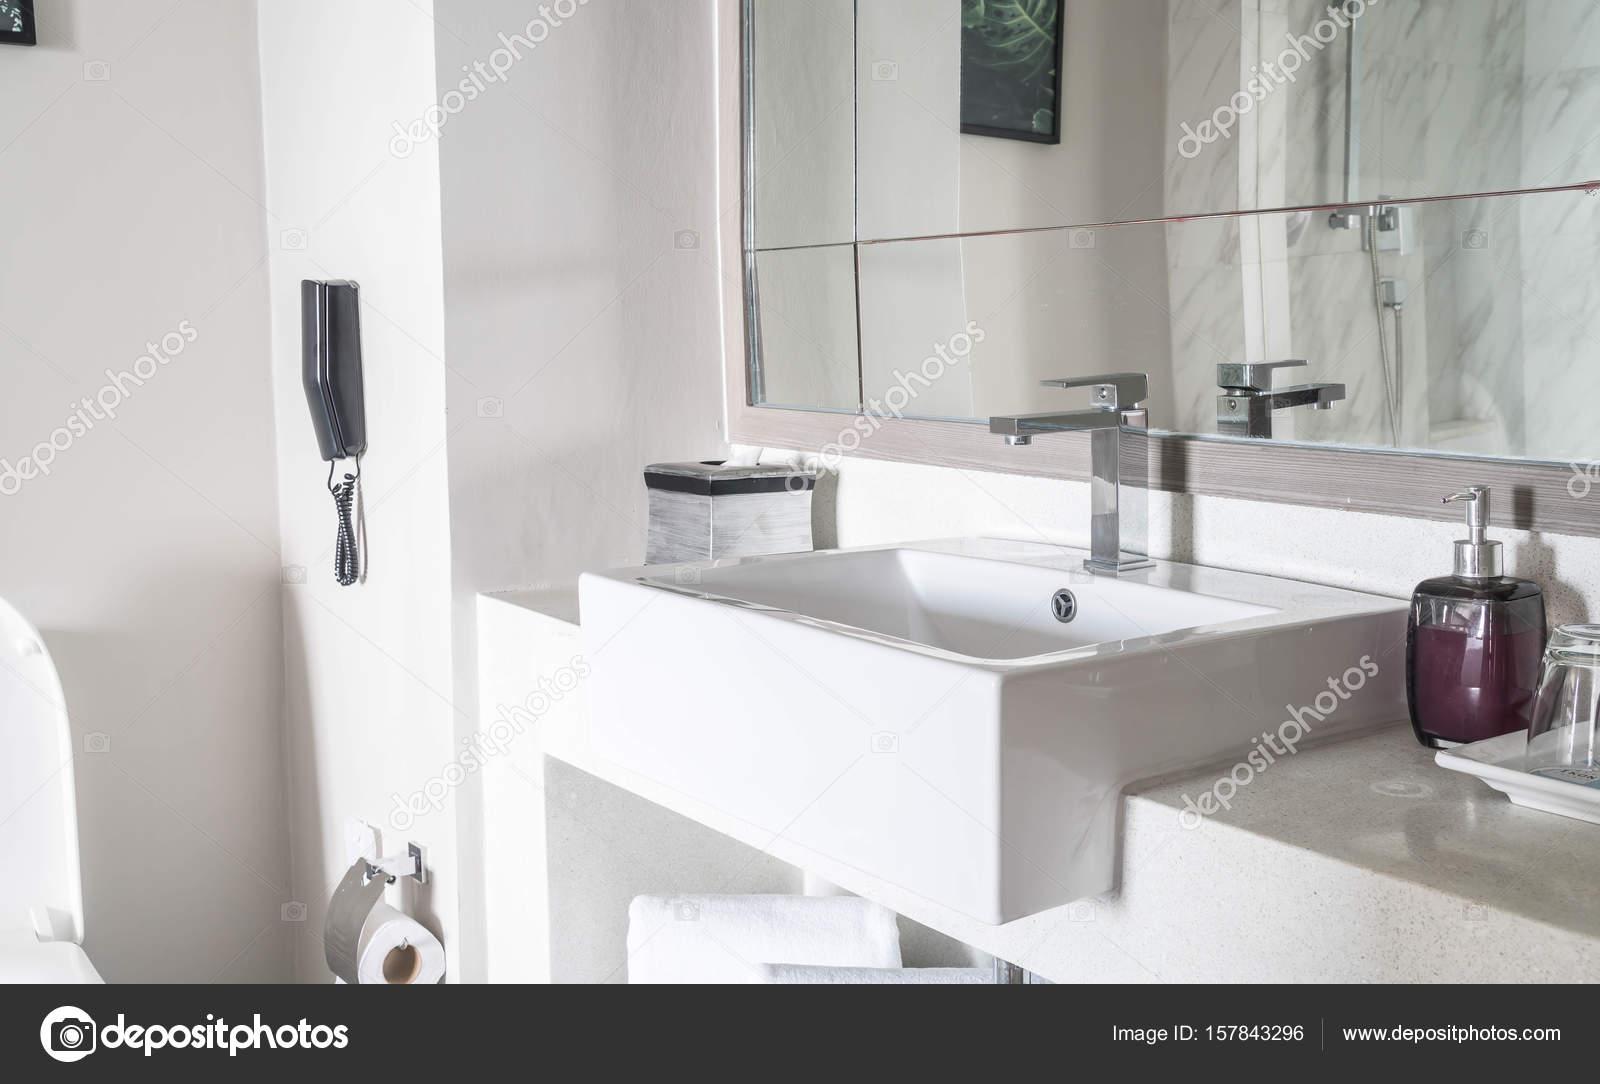 Decoratie Voor Badkamer : Mooie luxe wastafel decoratie in badkamer interieur voor backgr